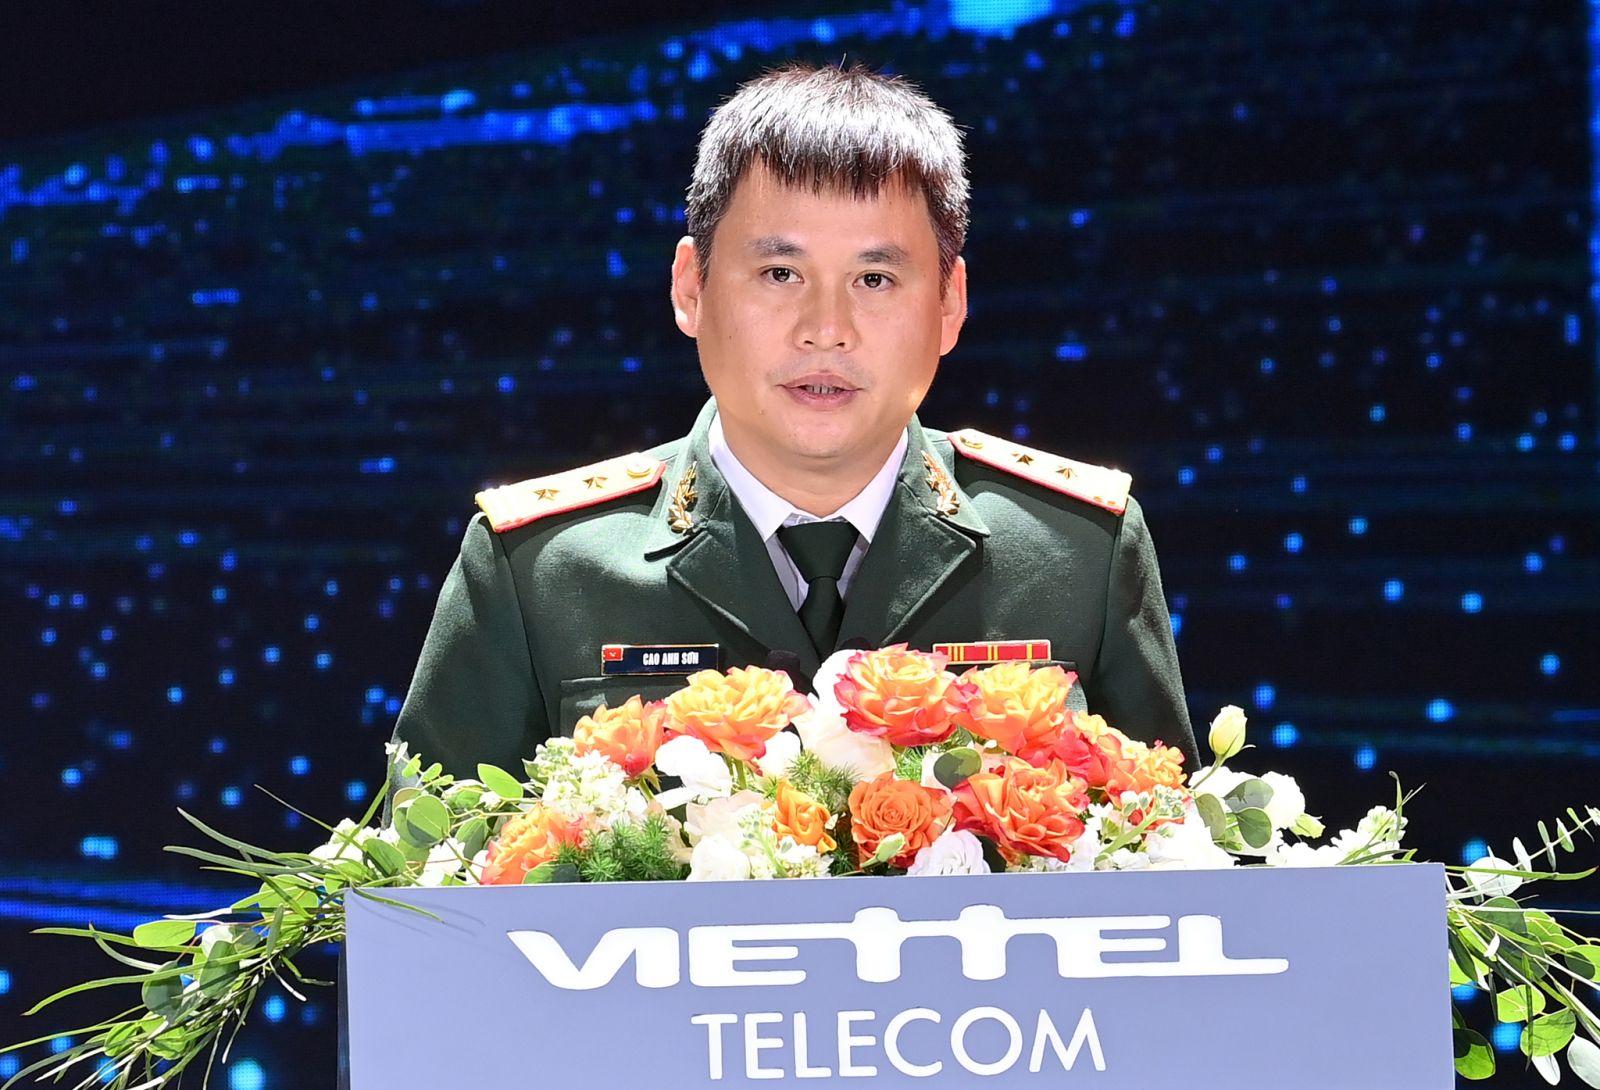 Ông Cao Anh Sơn - Tổng Giám đốc Viettel Telecom phát biểu tại lễ kỷ niệm.